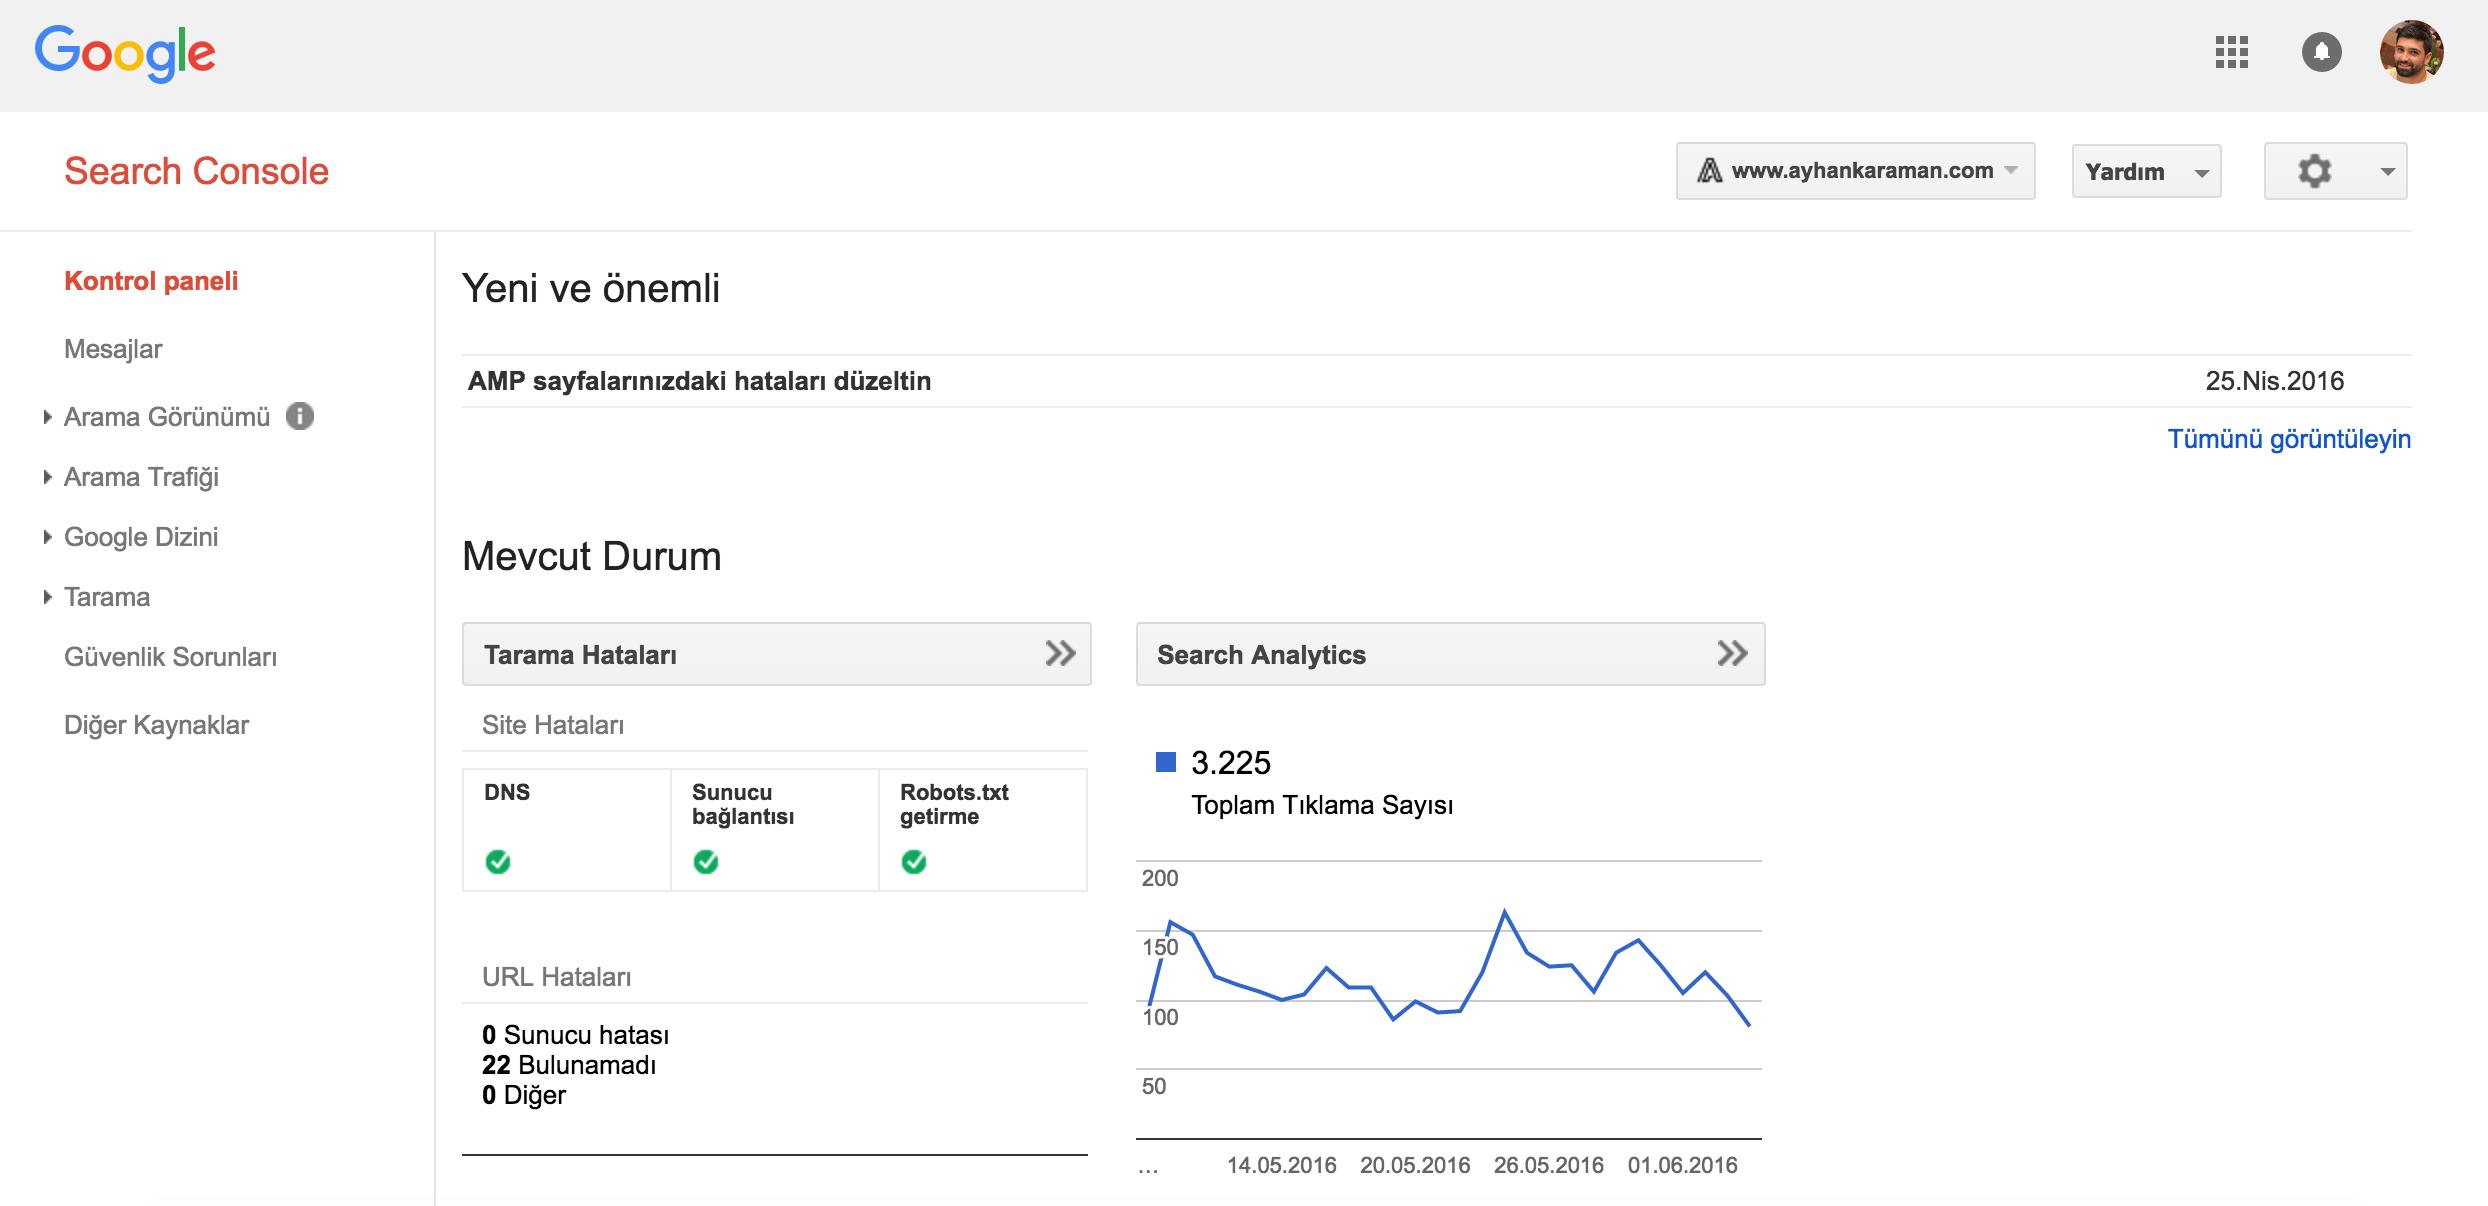 Web-stüdyo: değerlendirme, sitelerin oluşturulması ve tanıtımı hizmetleri, incelemeler